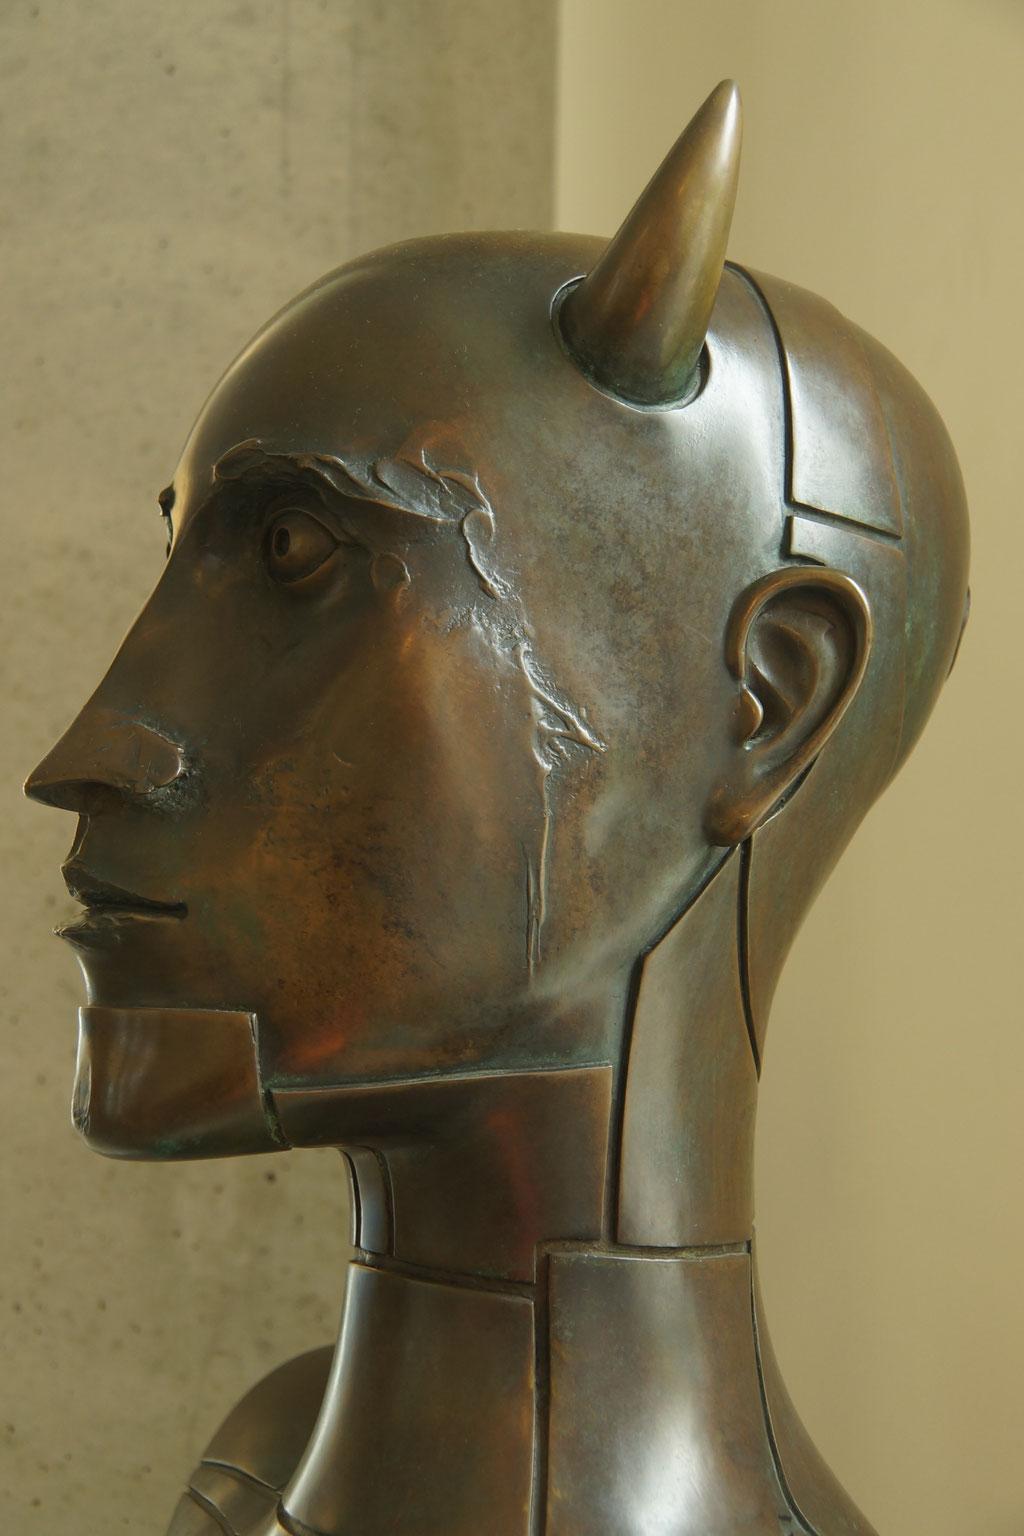 Skulptur von Paul Wunderlich - Neo-Surrealismus Dauerausstellung Eberswalde- Foto: Doreen Malinka